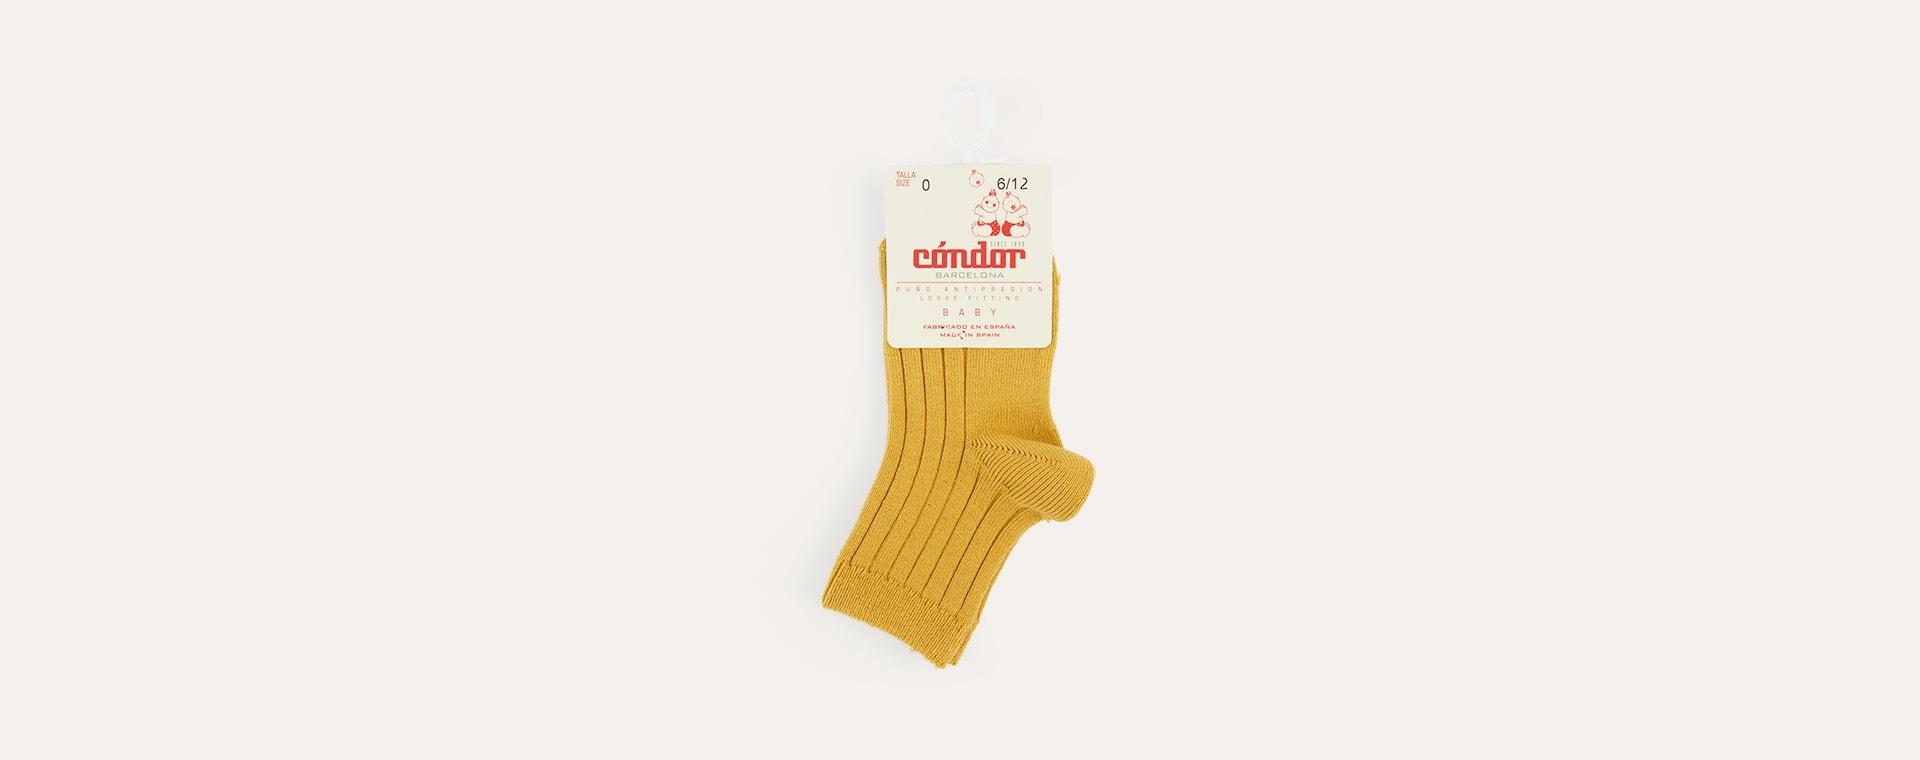 Mustard Condor Short Ribbed Socks